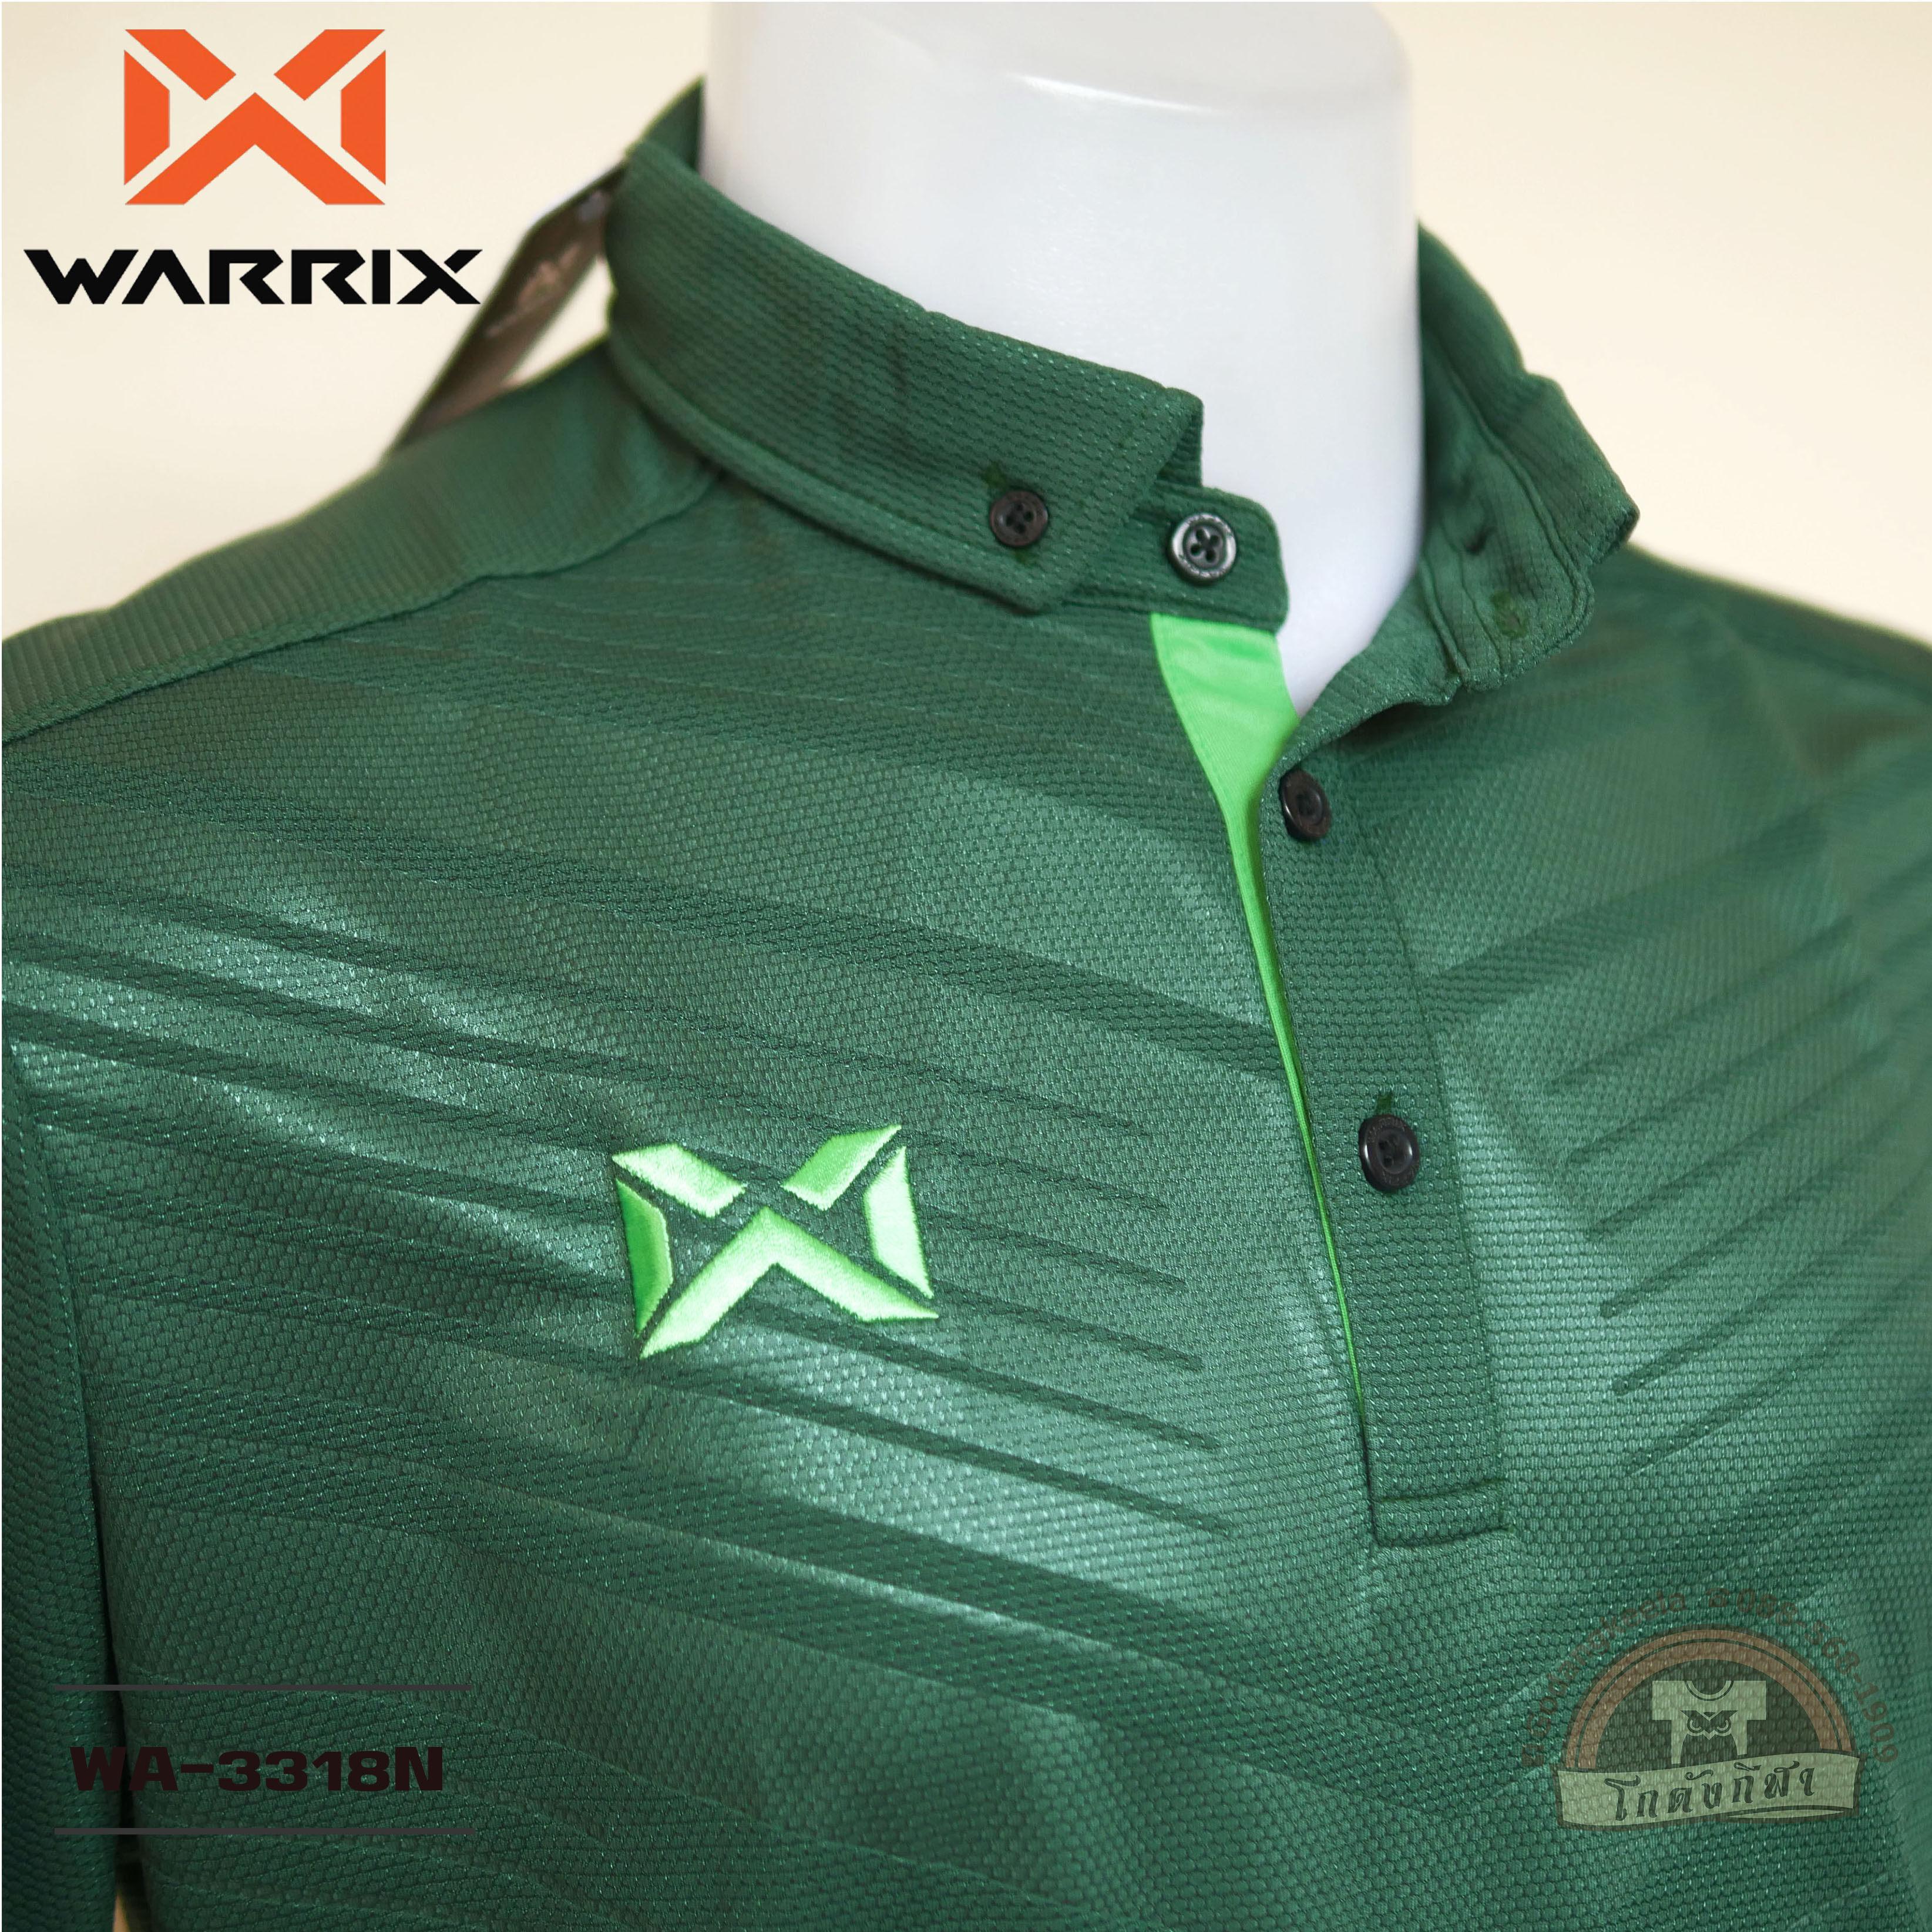 Warrix เสื้อโปโล Wa-3318n สีเขียวเข้ม (gg) วาริกซ์ วอริกซ์ ของแท้ 100%.